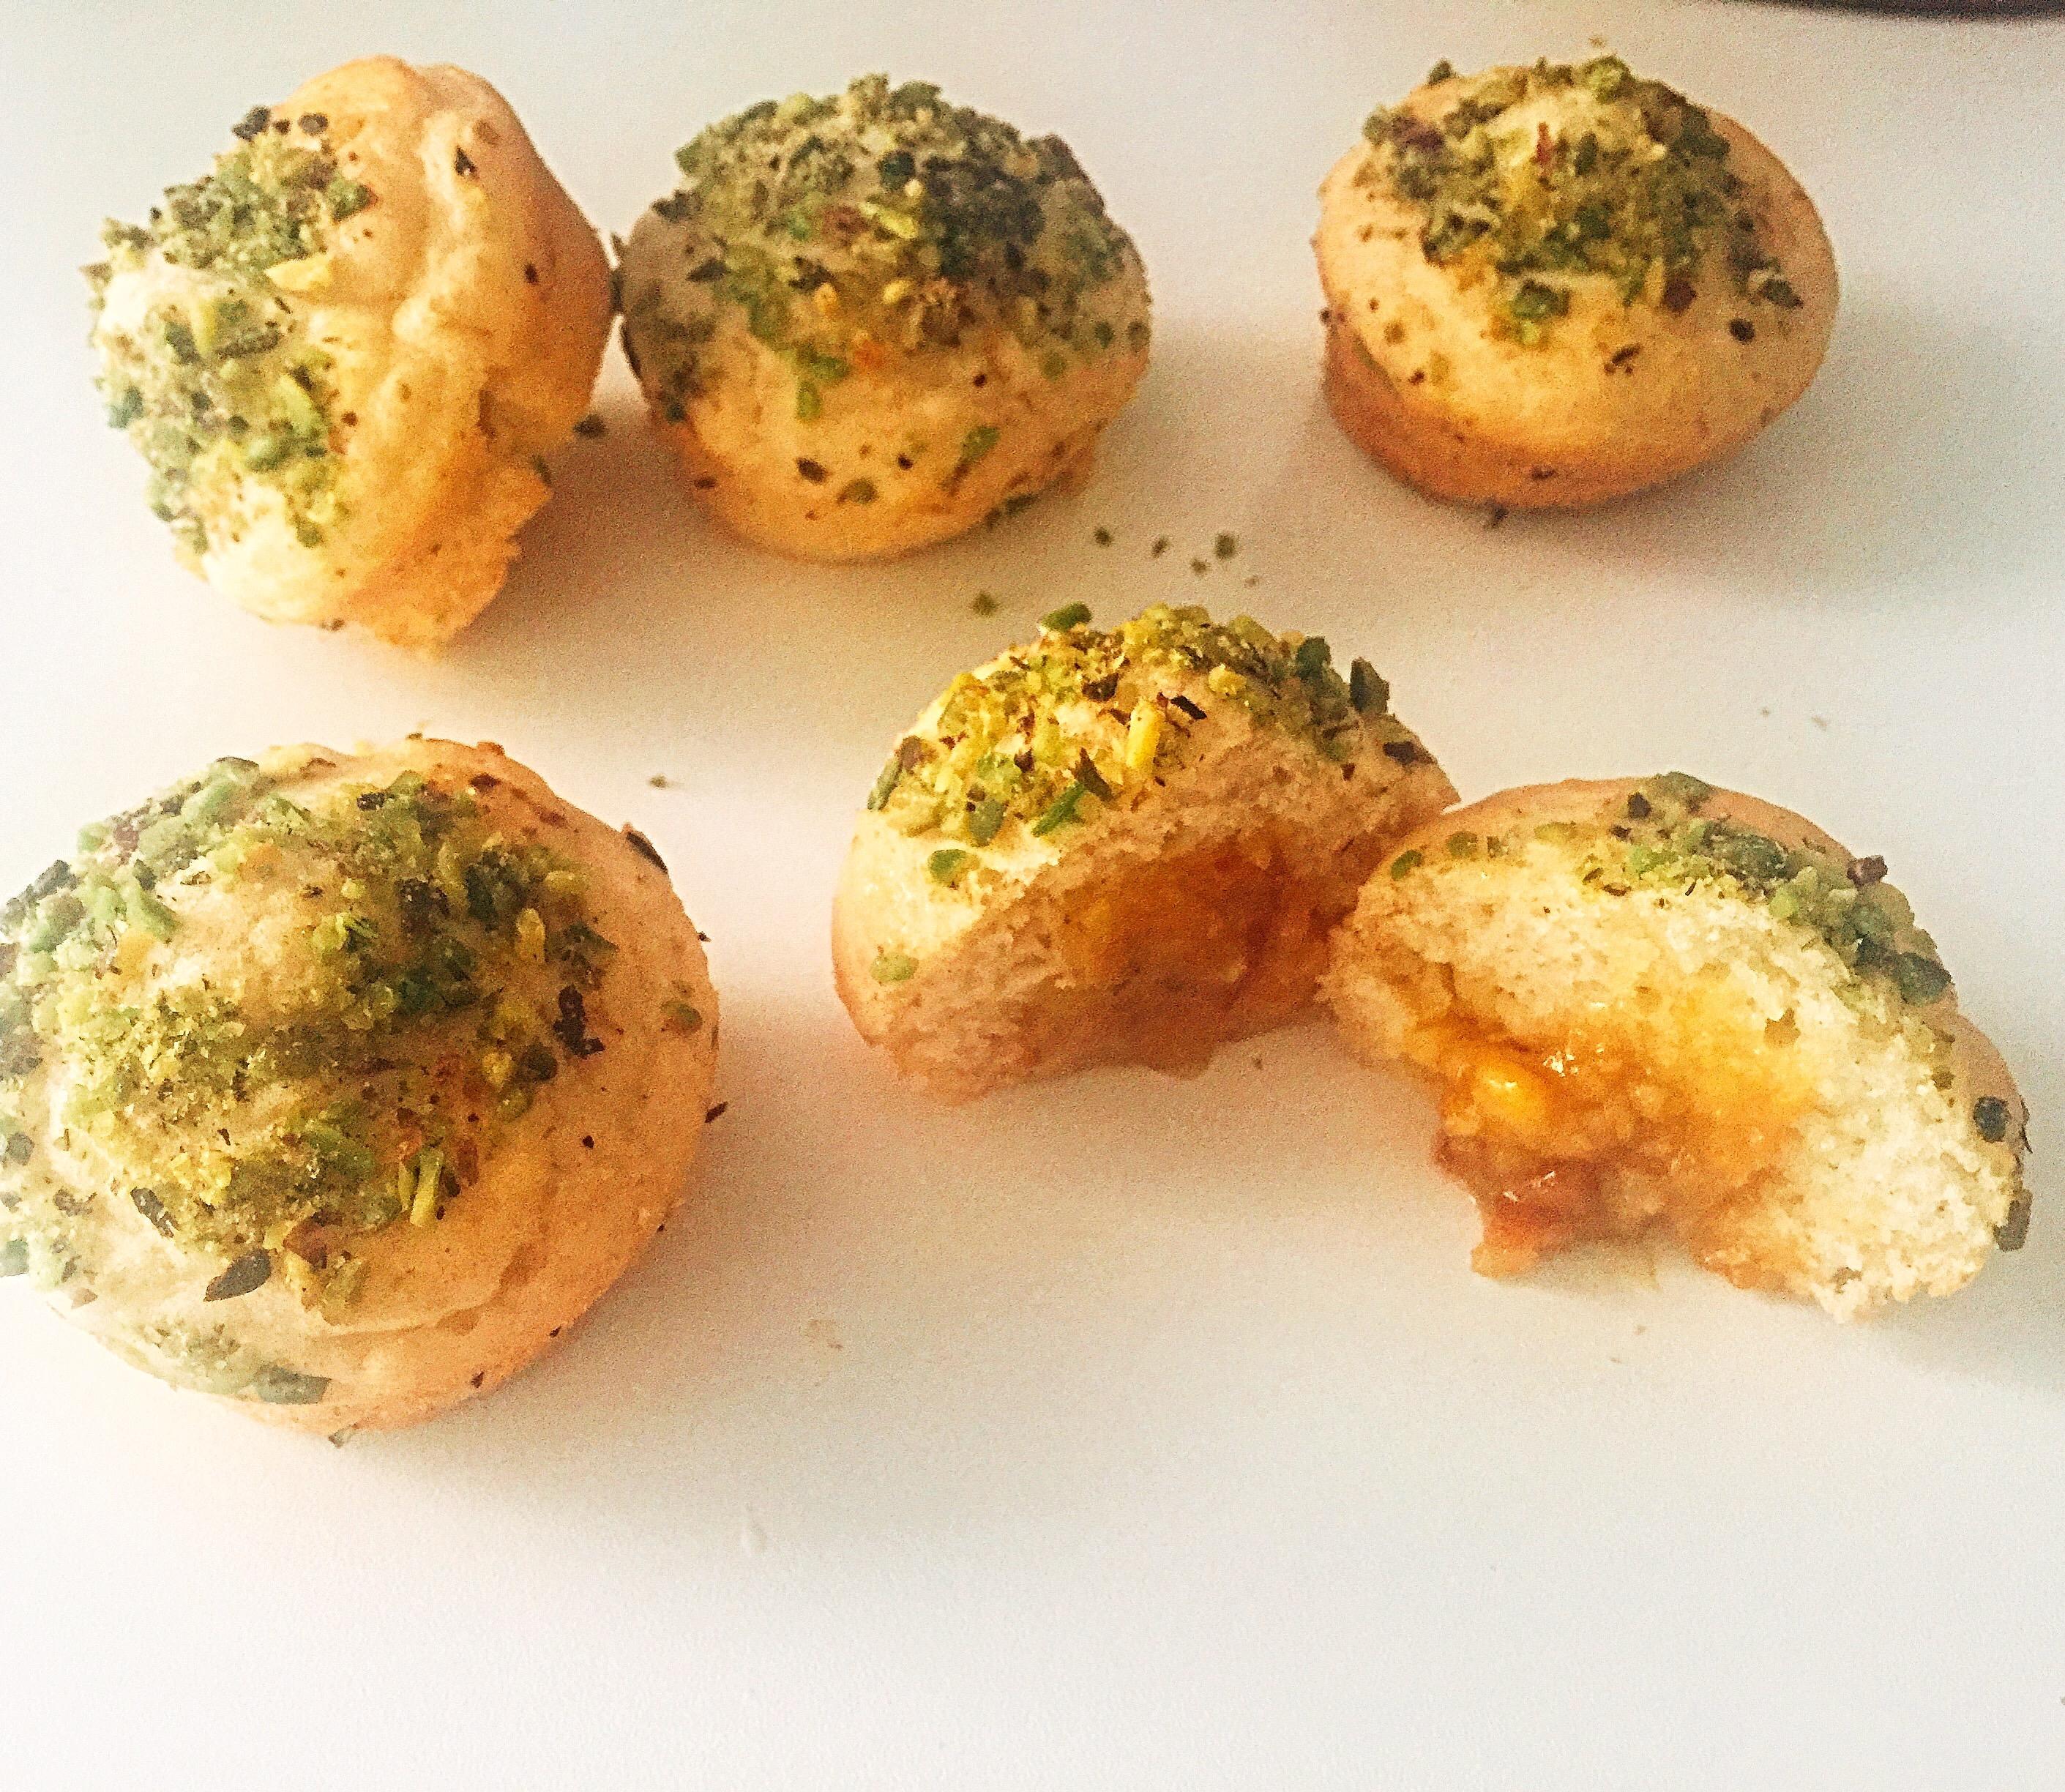 Muffin Arancia e Pistacchio Senza Burro, golosi dall'impasto soffice che racchiudono un cuore di marmellata! Perfetti per restare in forma con gusto!